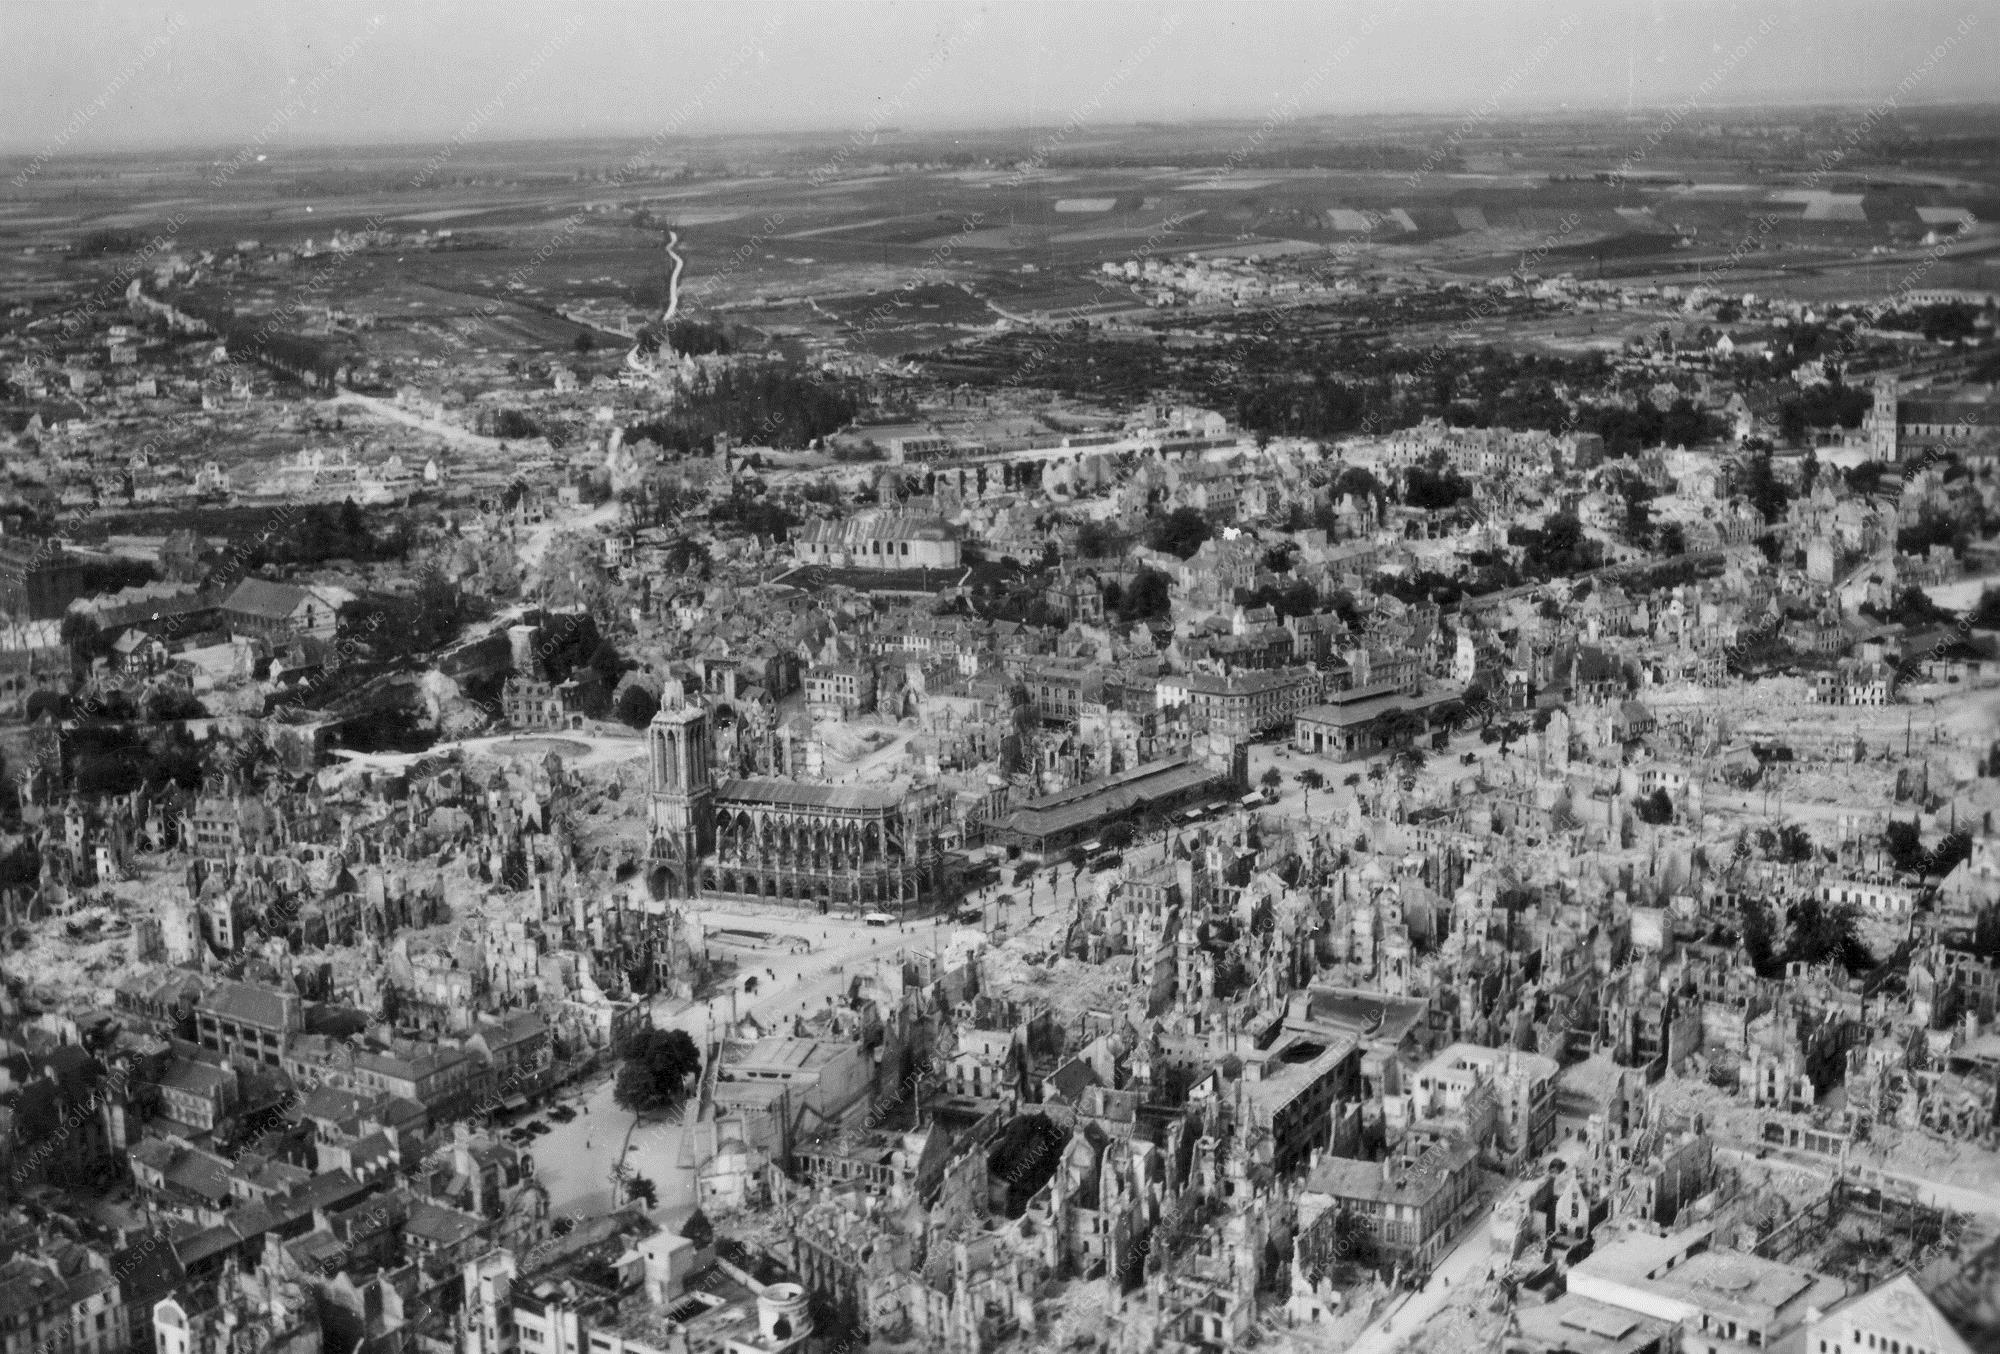 Luftbild der Kirche Saint-Étienne und der zerstörten Stadt Caen (Frankreich)